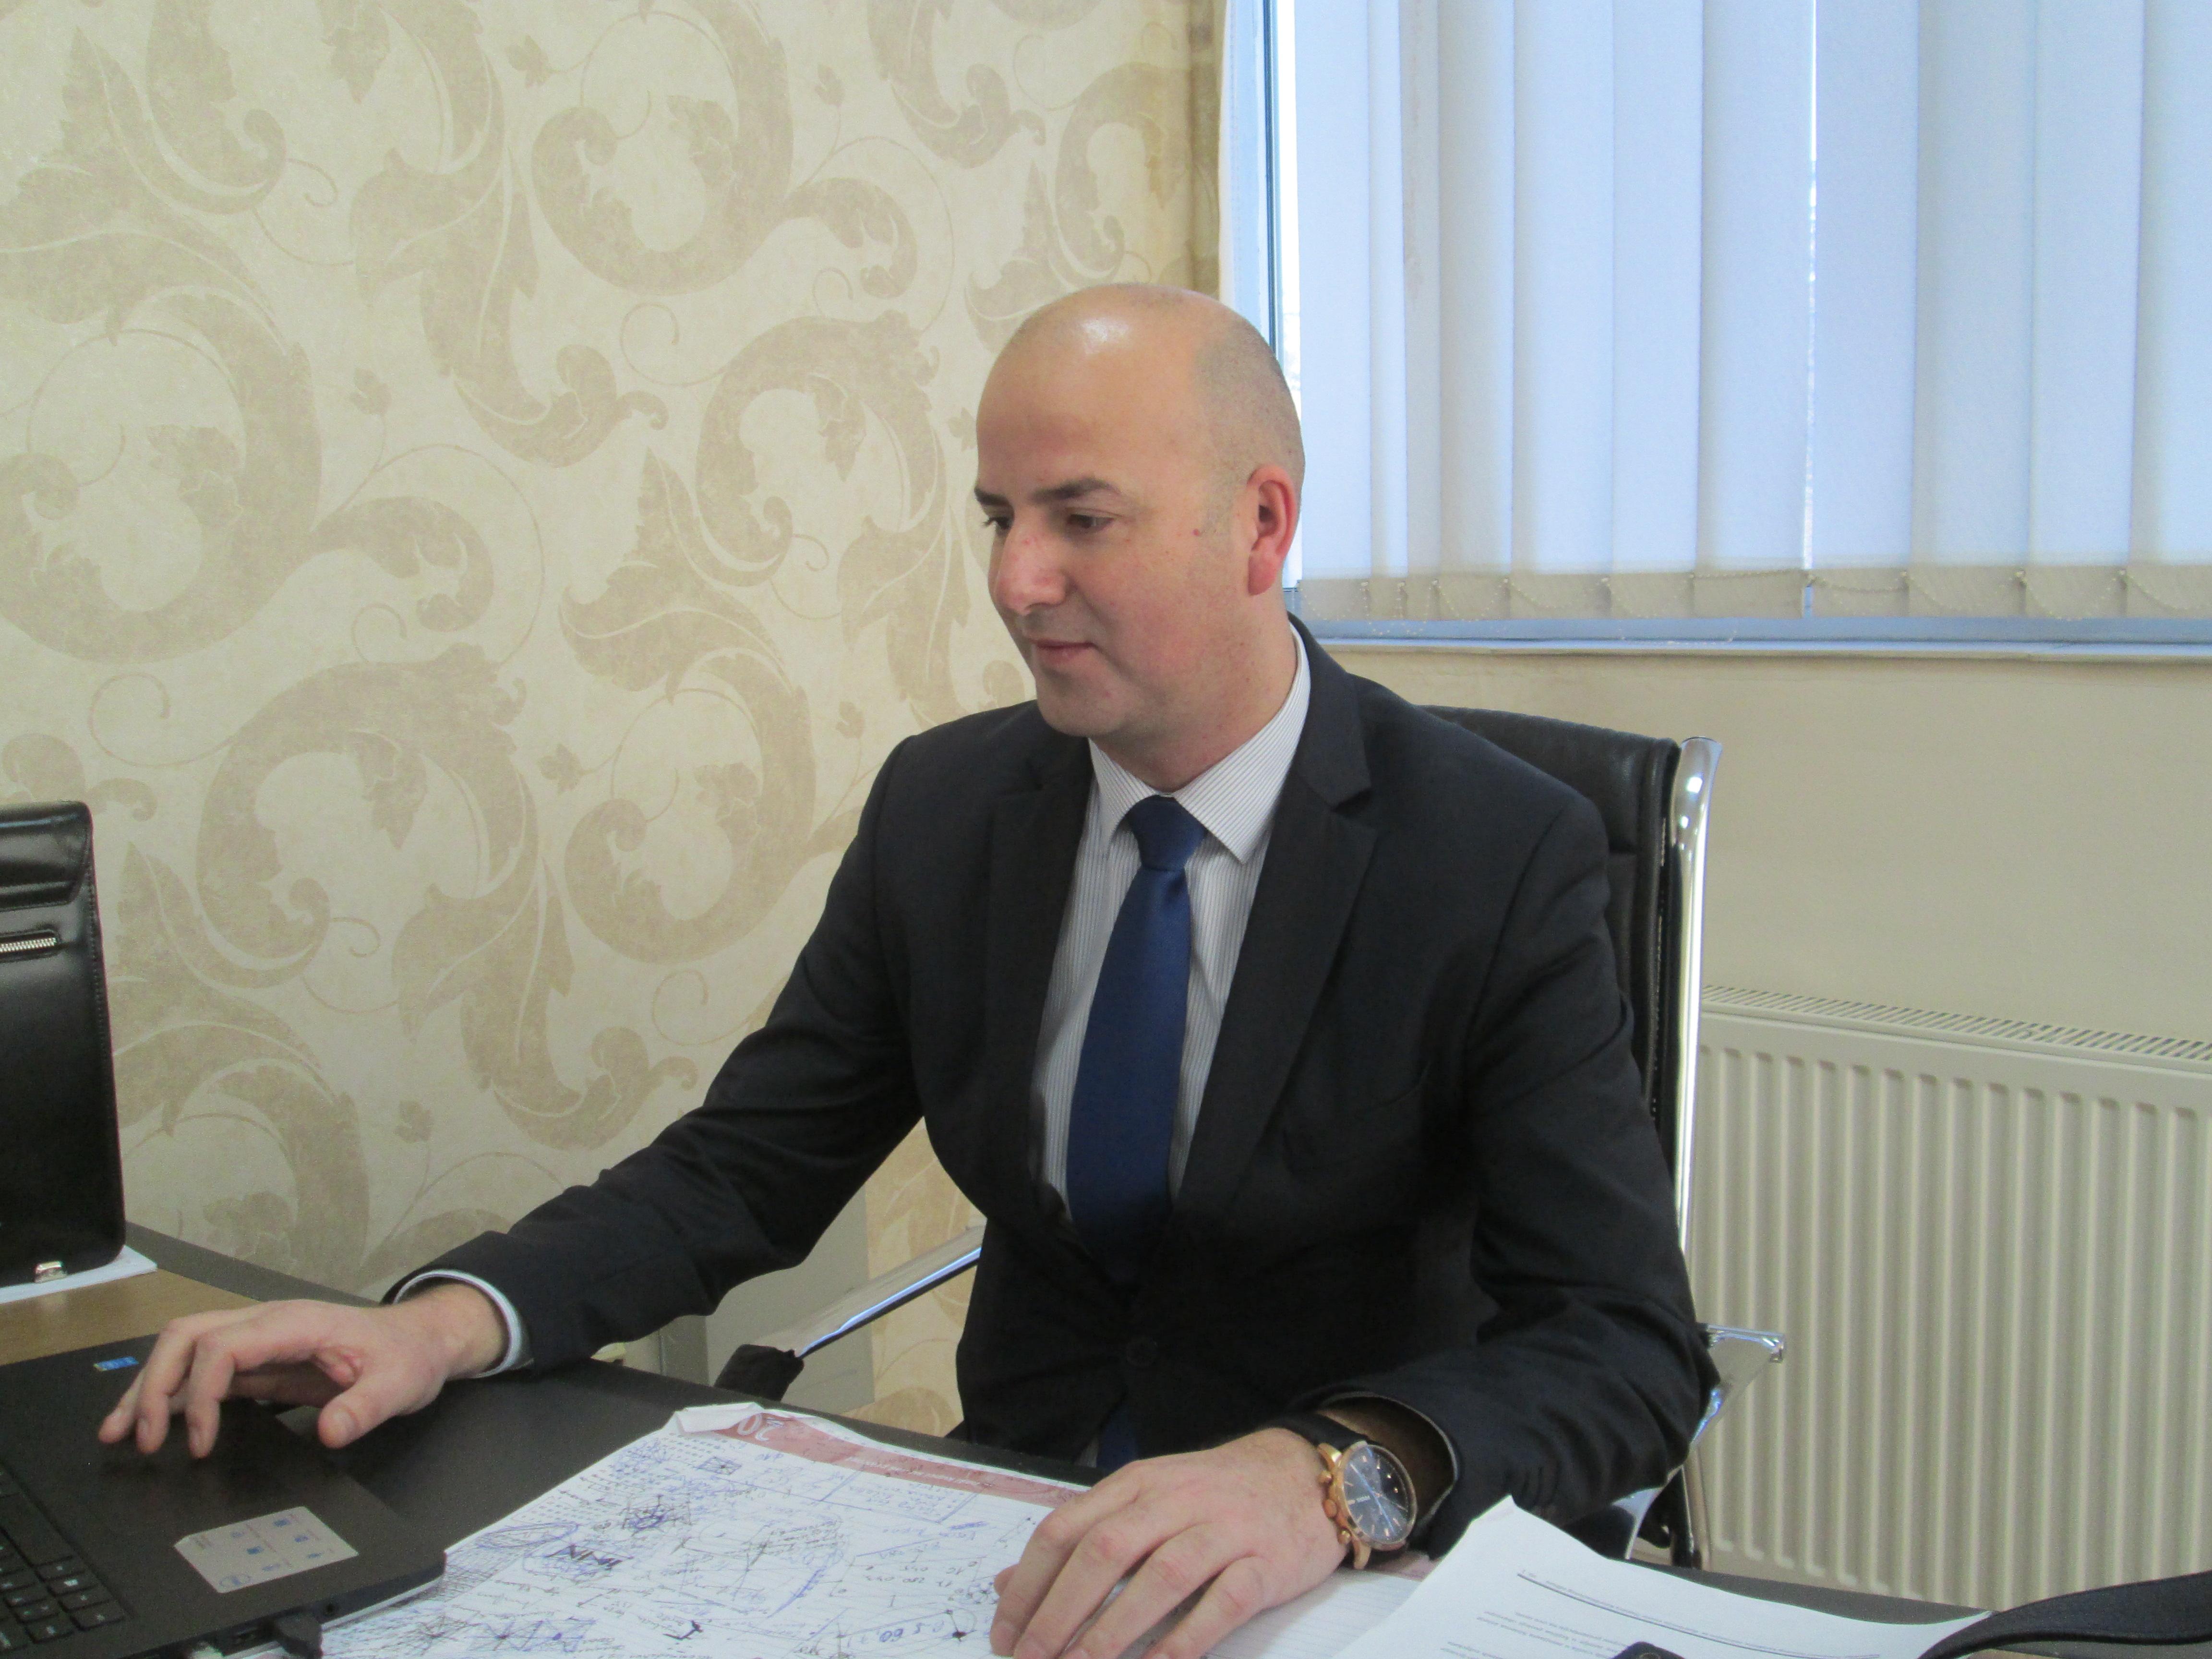 Slaven Dujakovic direktor Agencije za osiguranje RS